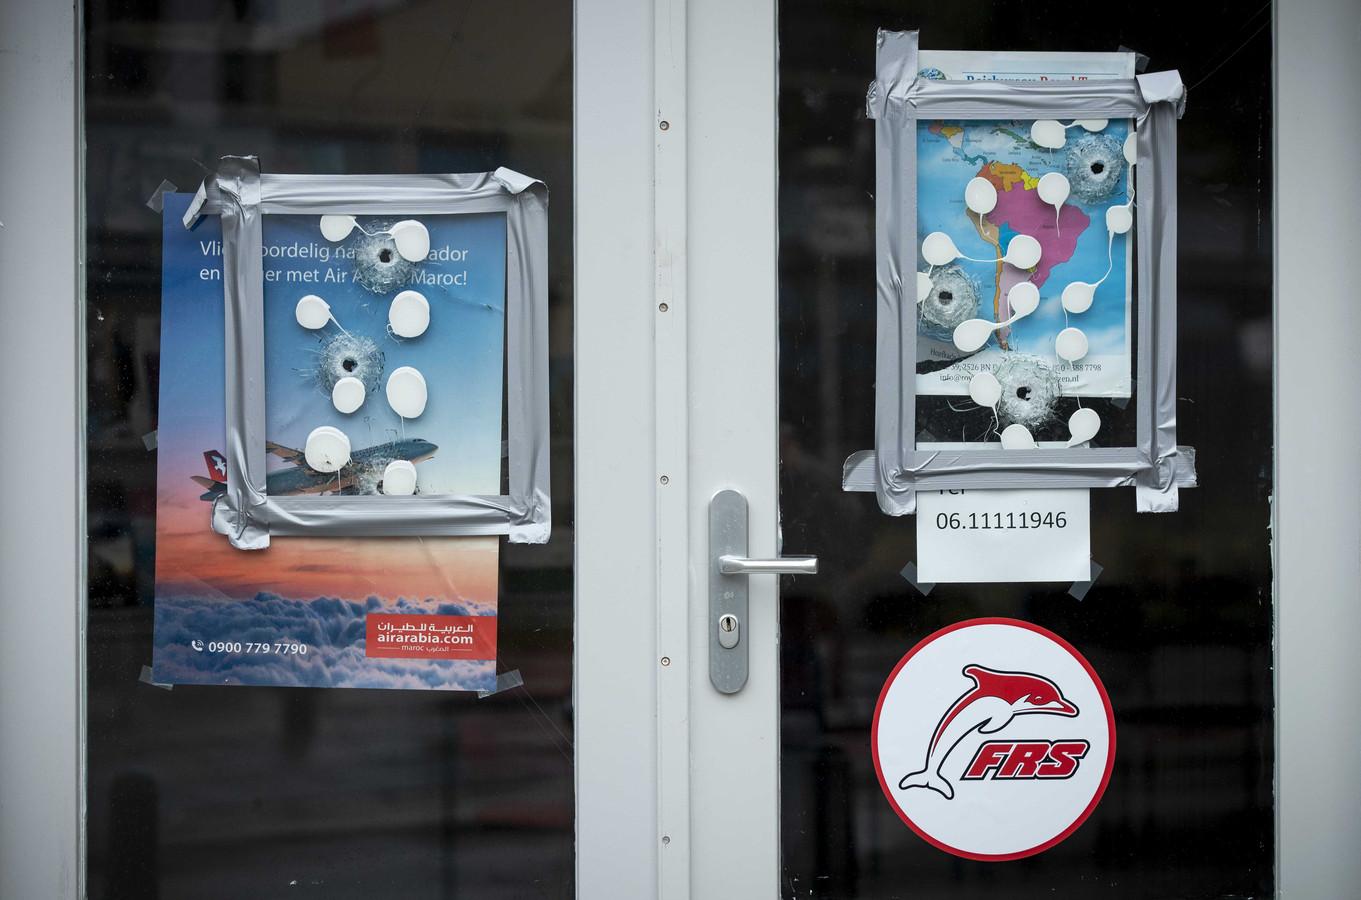 Kogelgaten in een winkelpand waarin een reisbureau is gevestigd aan de Hoefkade, dat vannacht door onbekenden in beschoten.